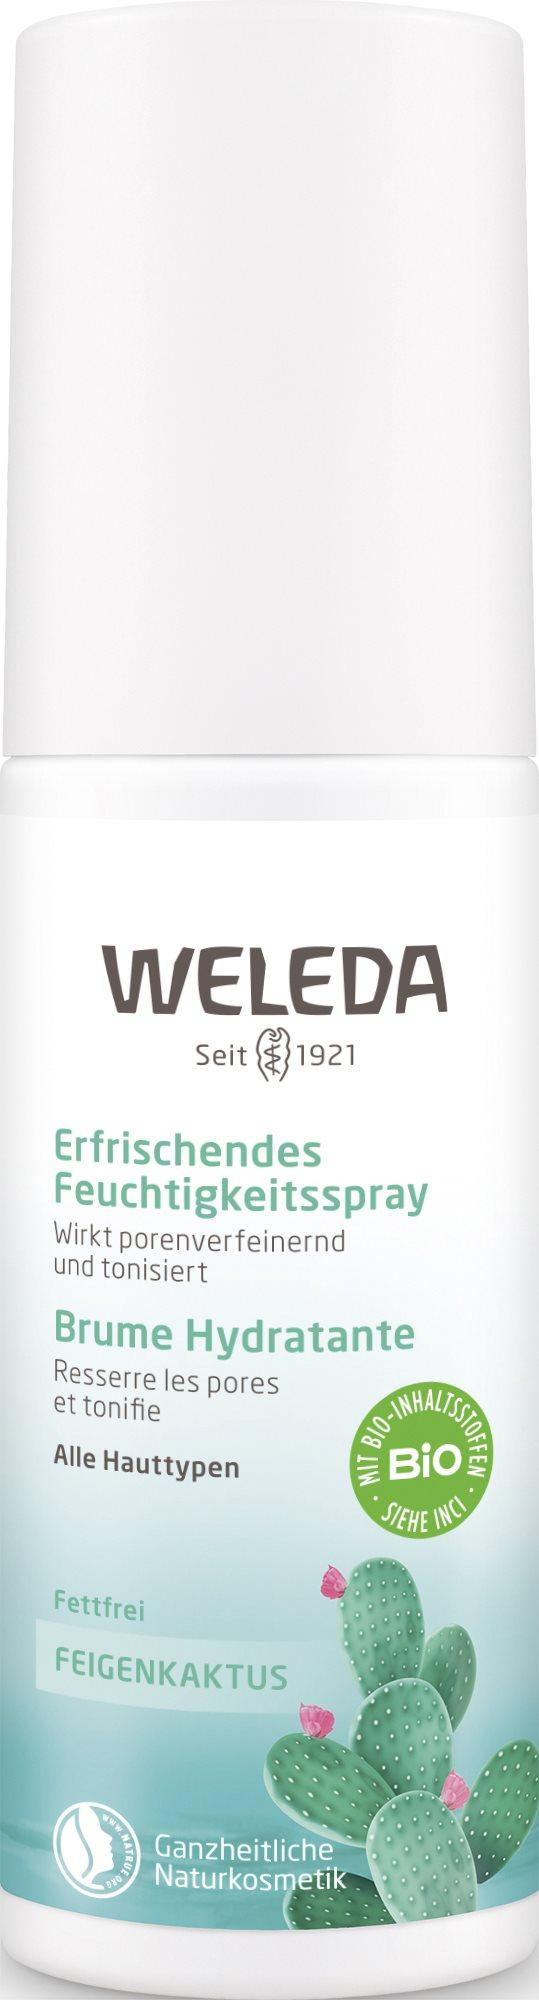 WELEDA Feigenkaktus Erfri Feuchtigkeitsspr 100 ml